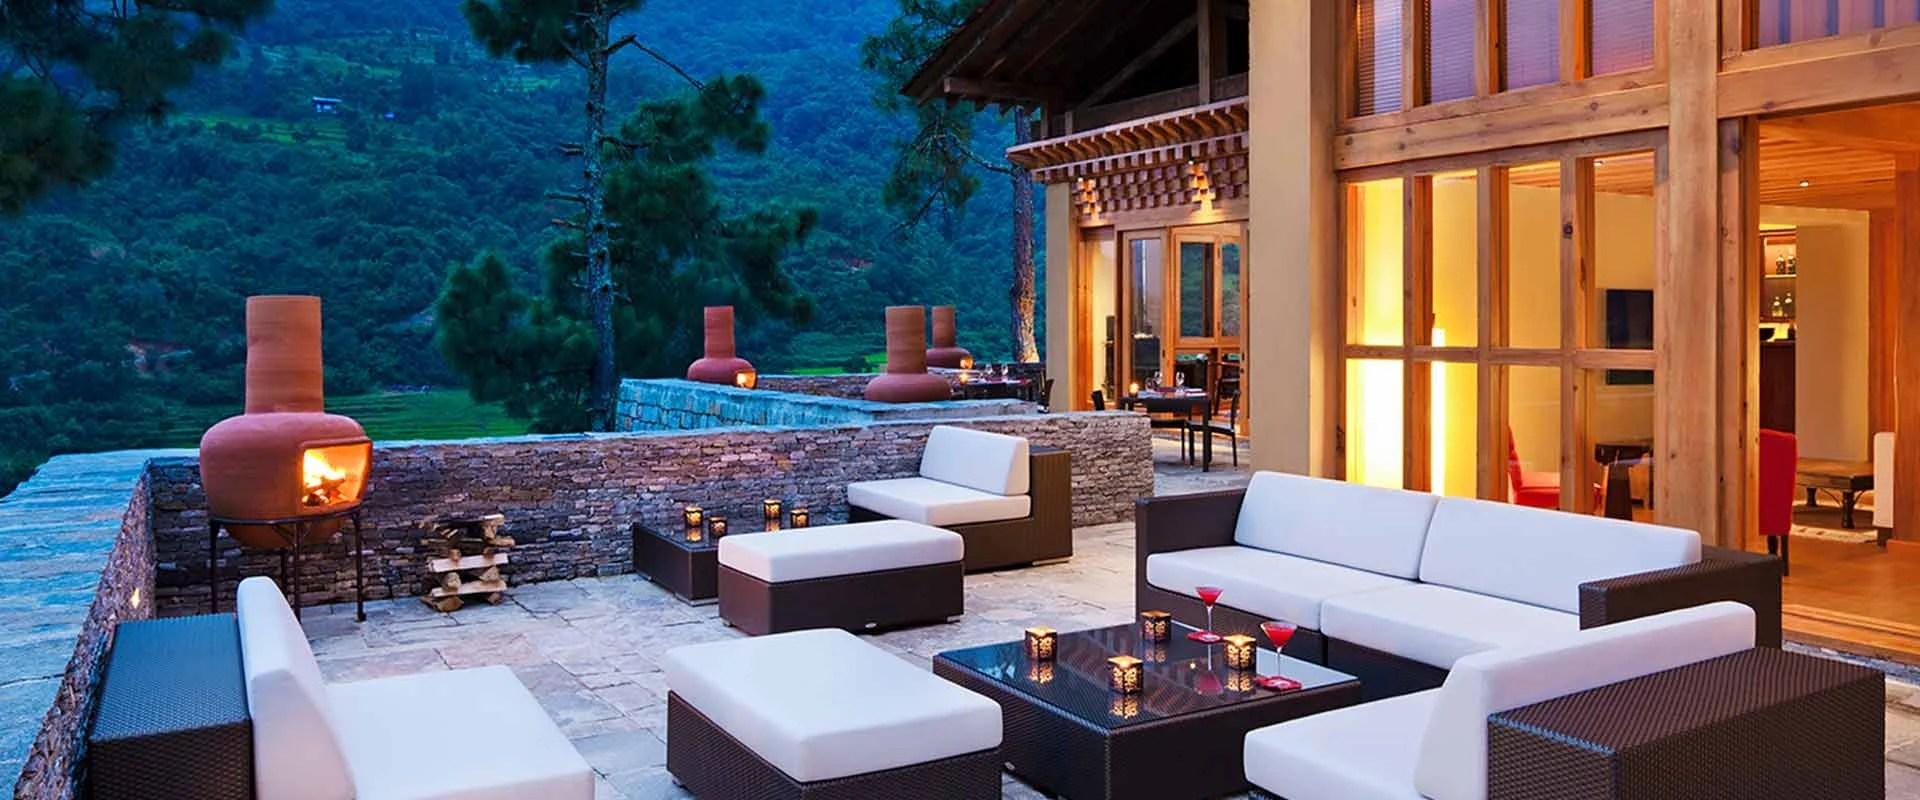 Bhutan Luxury Tours Agent - Cultural, Festival, Trekking Holidays Bhutan